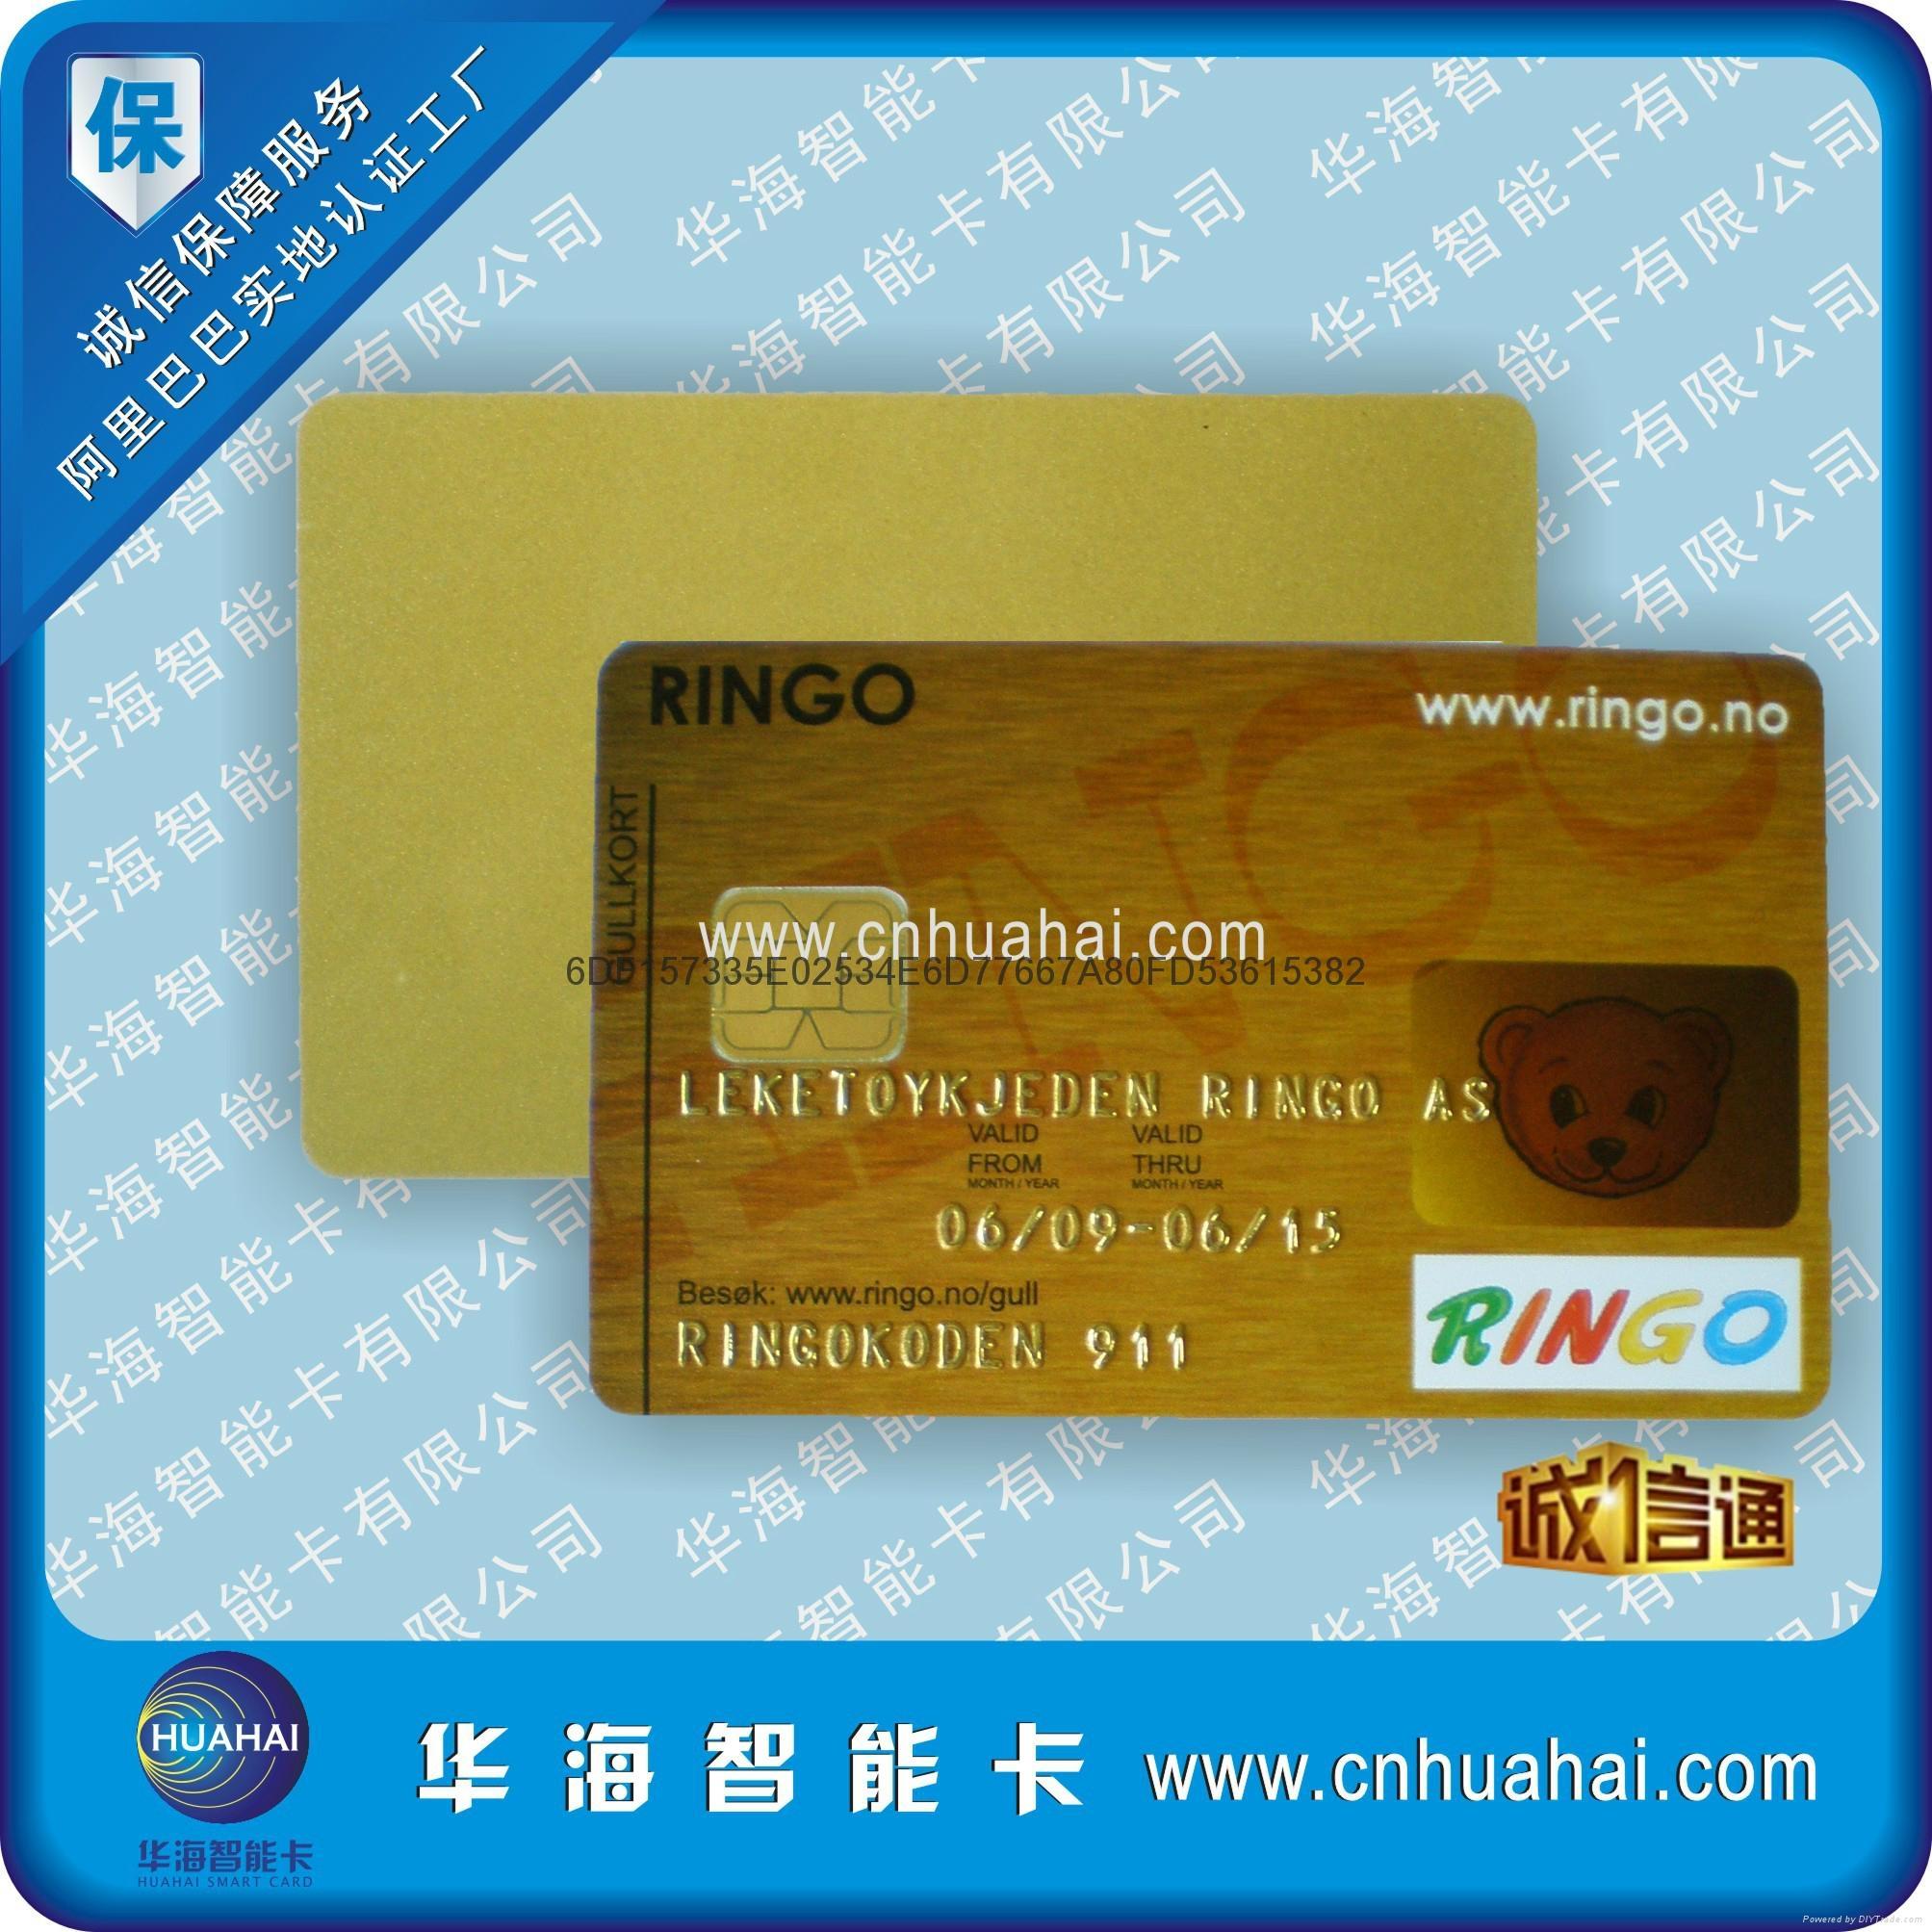 4442芯片卡 接触式IC卡 国内常用接触式4442 IC卡 1